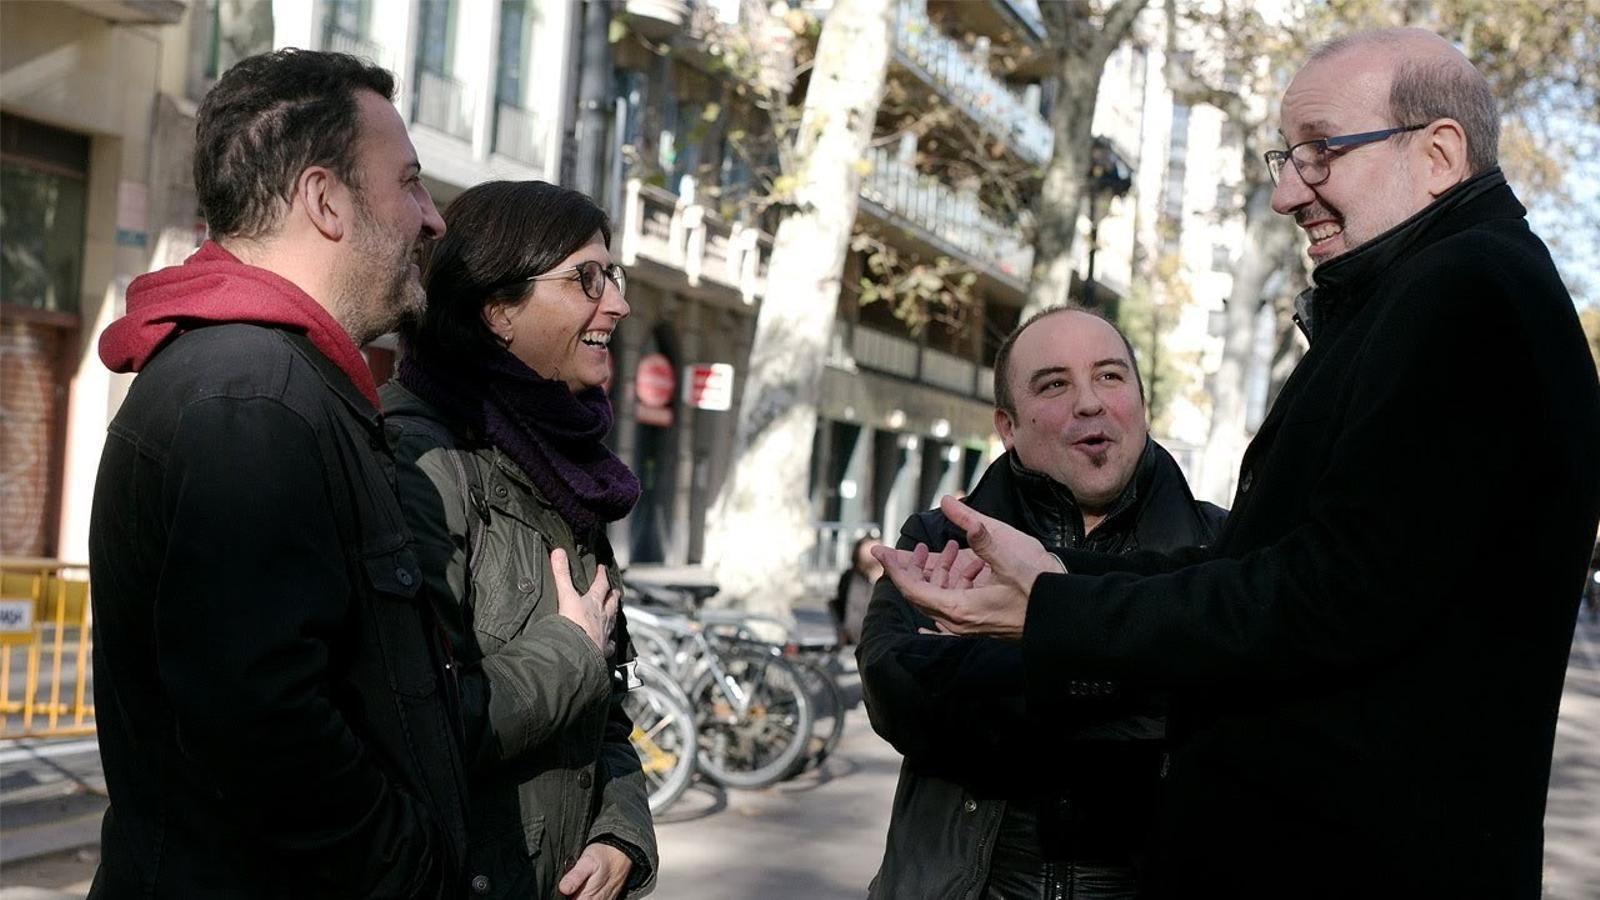 Debat sobre la funció de l'humor en la comunicació amb Natza Farré, Toni Soler i Guillem Sans